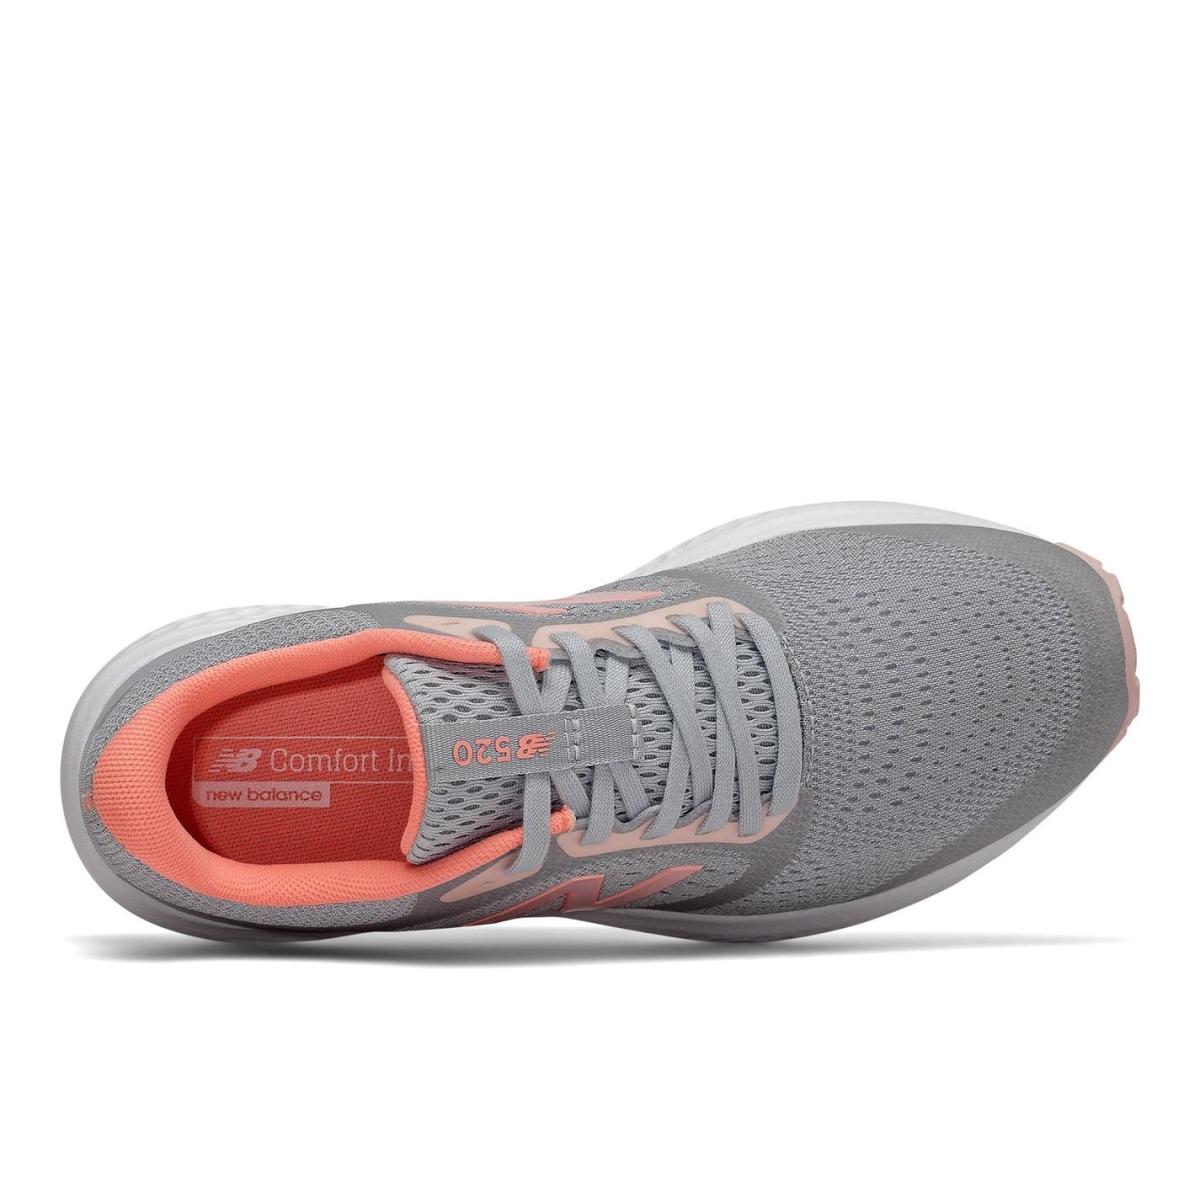 New-Balance-W520-Turnschuhe-Damen-Sneaker-Sportschuhe-Laufschuhe-1161 Indexbild 8